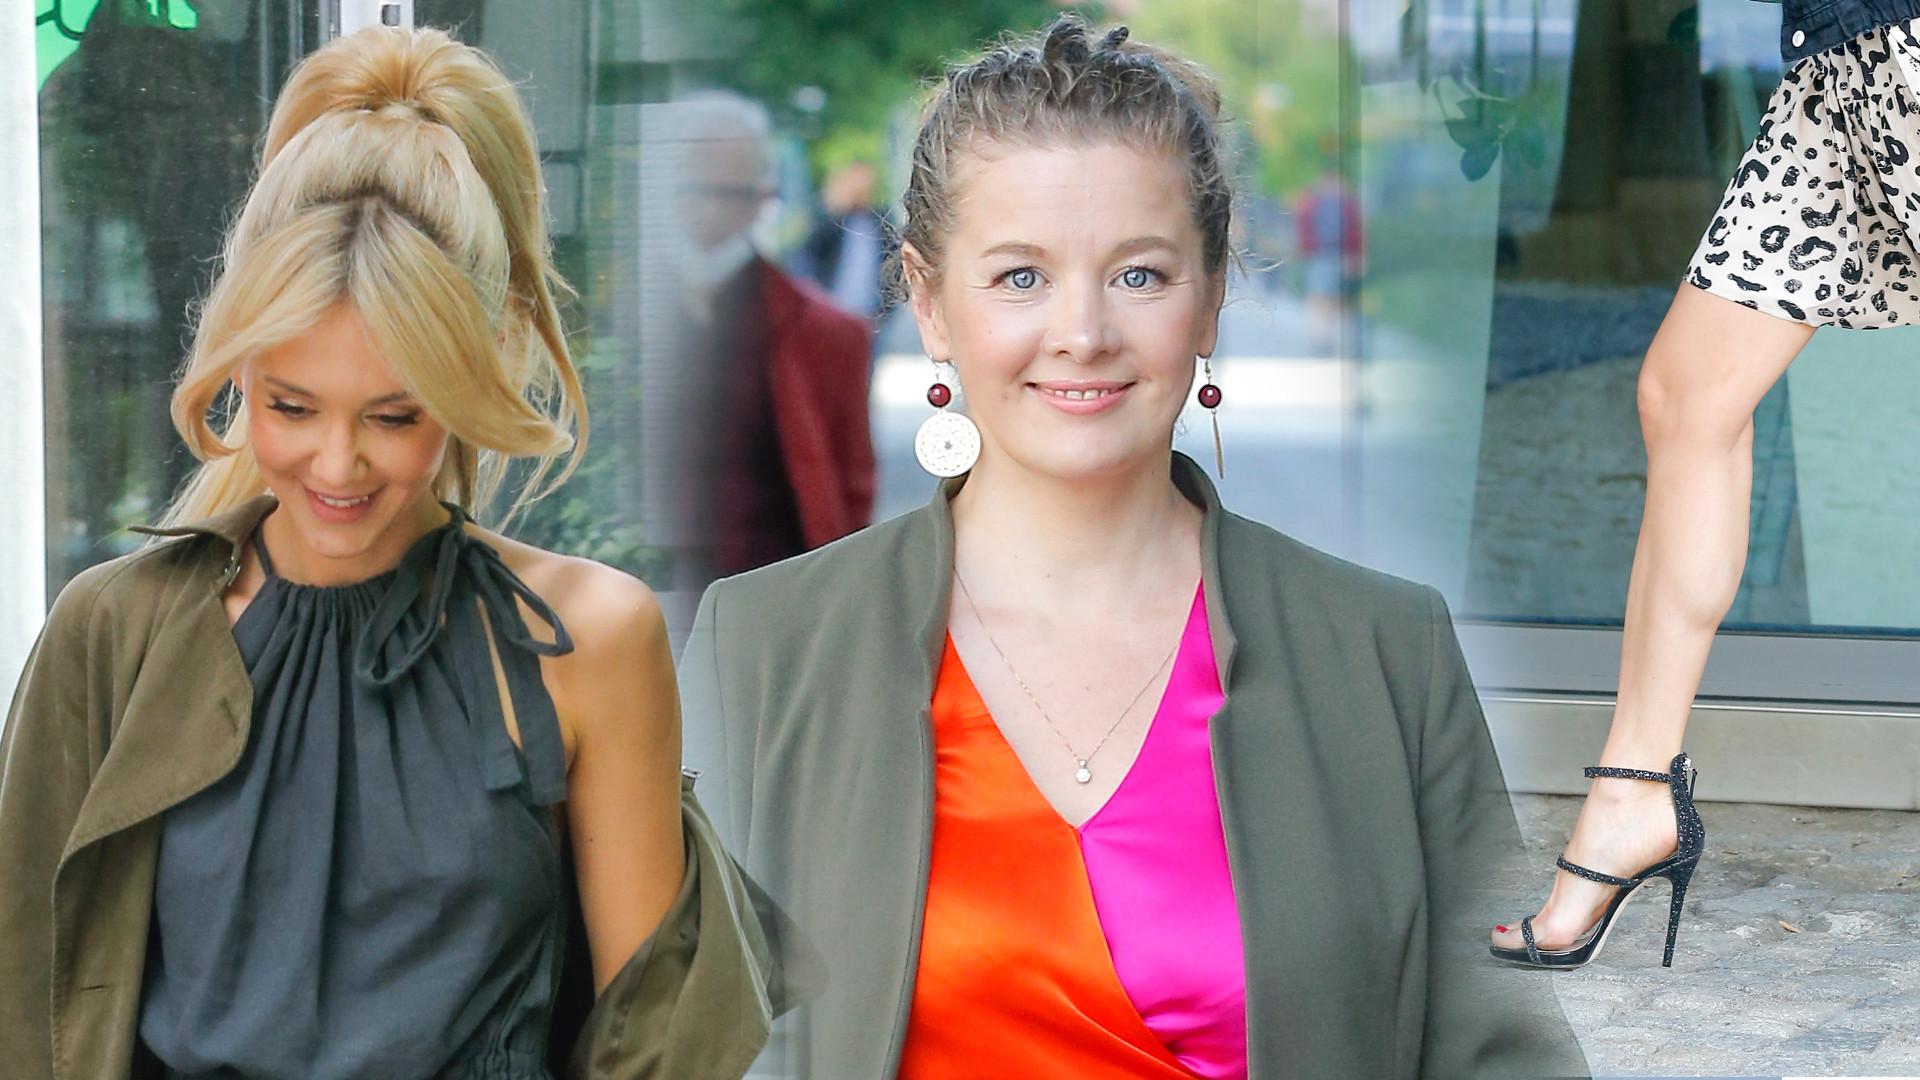 Gwiazdy DD TVN: Zachwycająca Kasia Moś, Anna Powierza w różowych szpilkach (ZDJĘCIA)